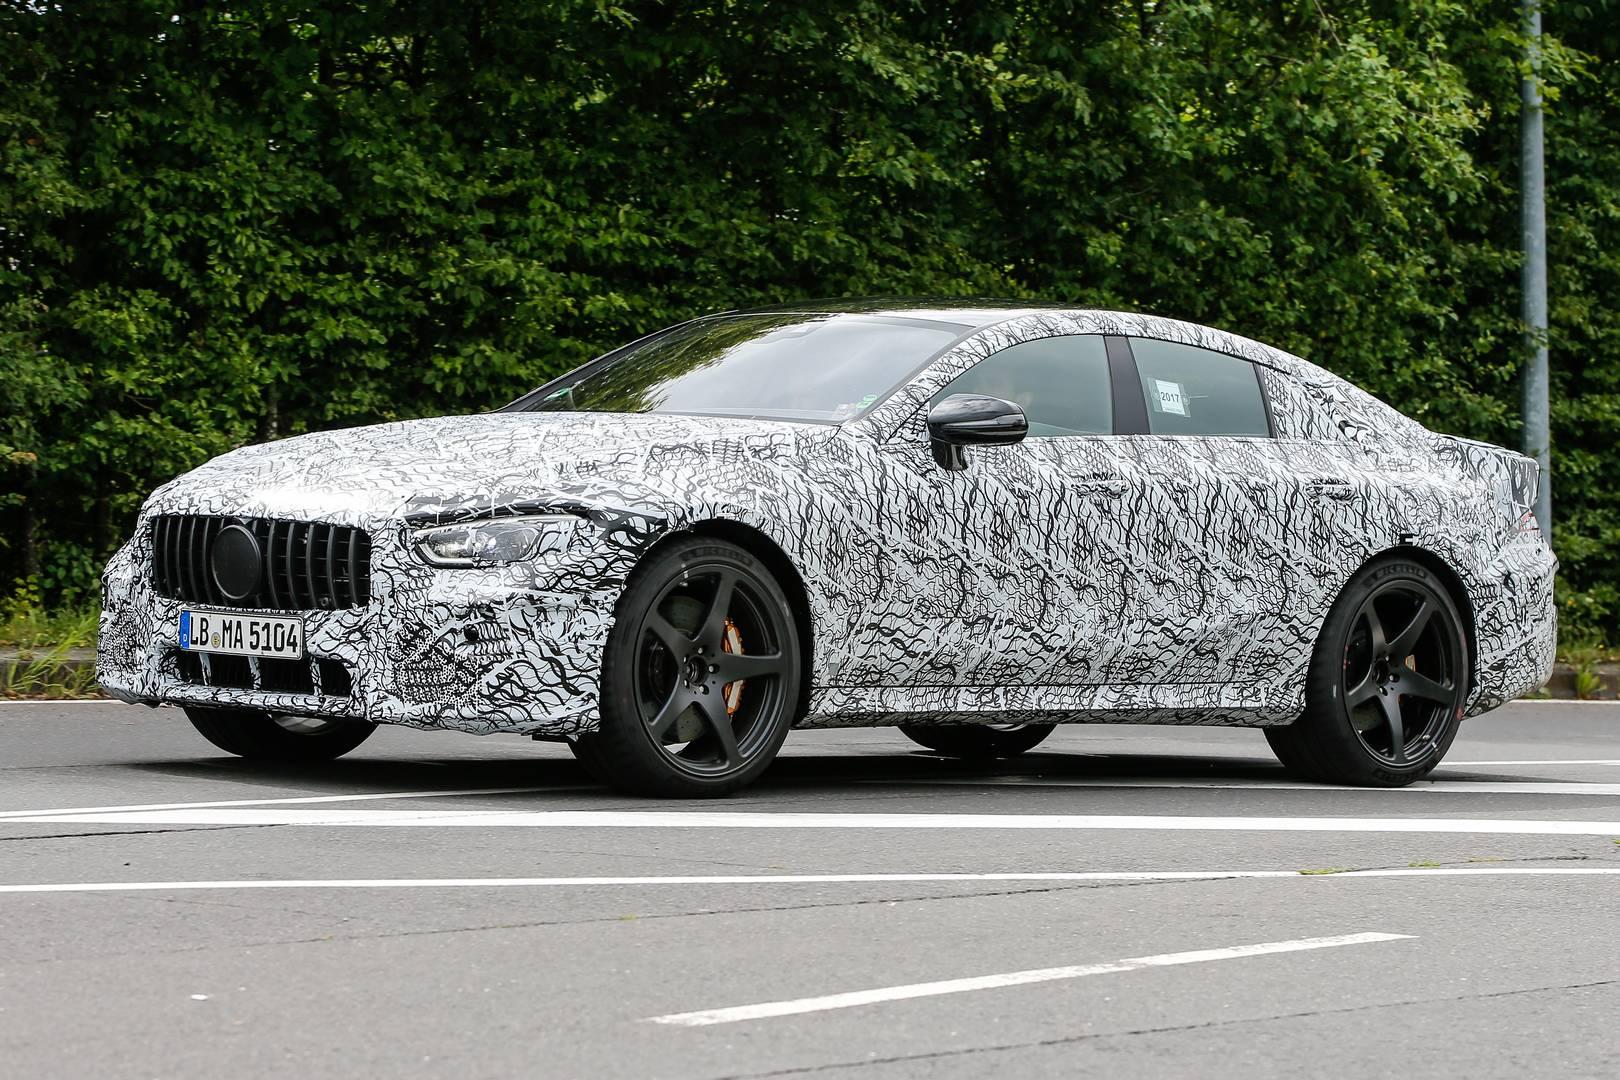 Mercedes-AMG GT 4-Door Latest Spy Shots - GTspirit